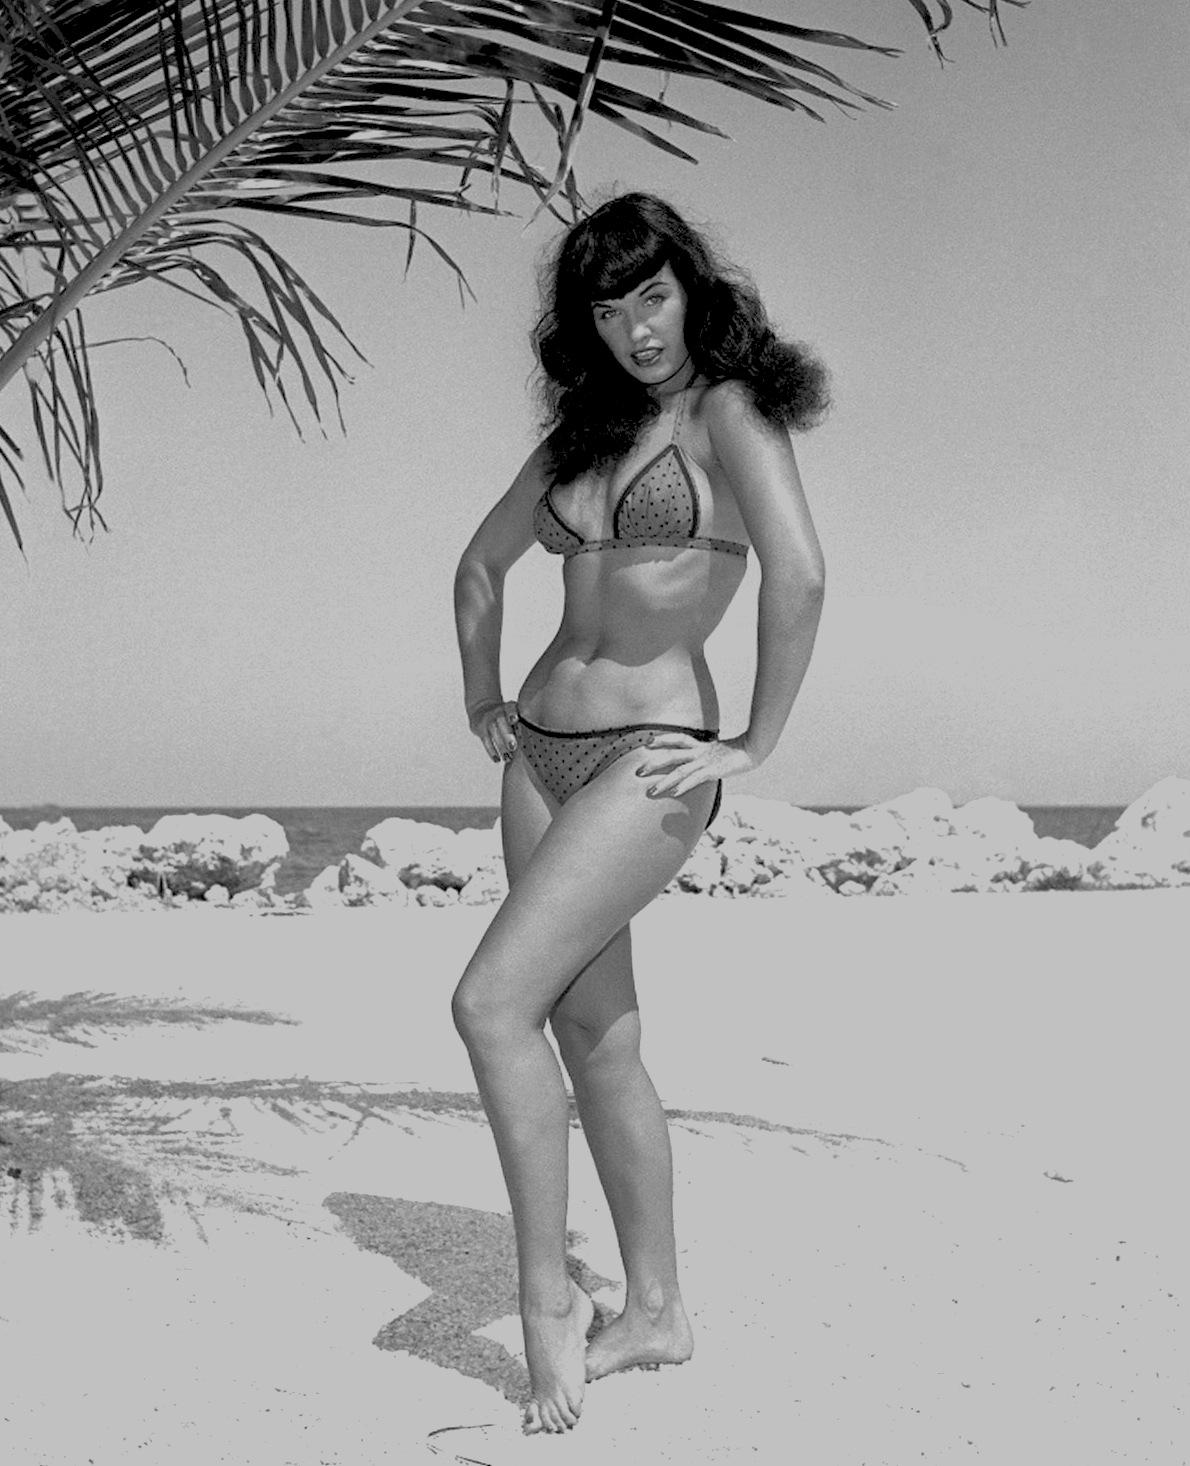 Spécimen numéro 7: la femme vacances